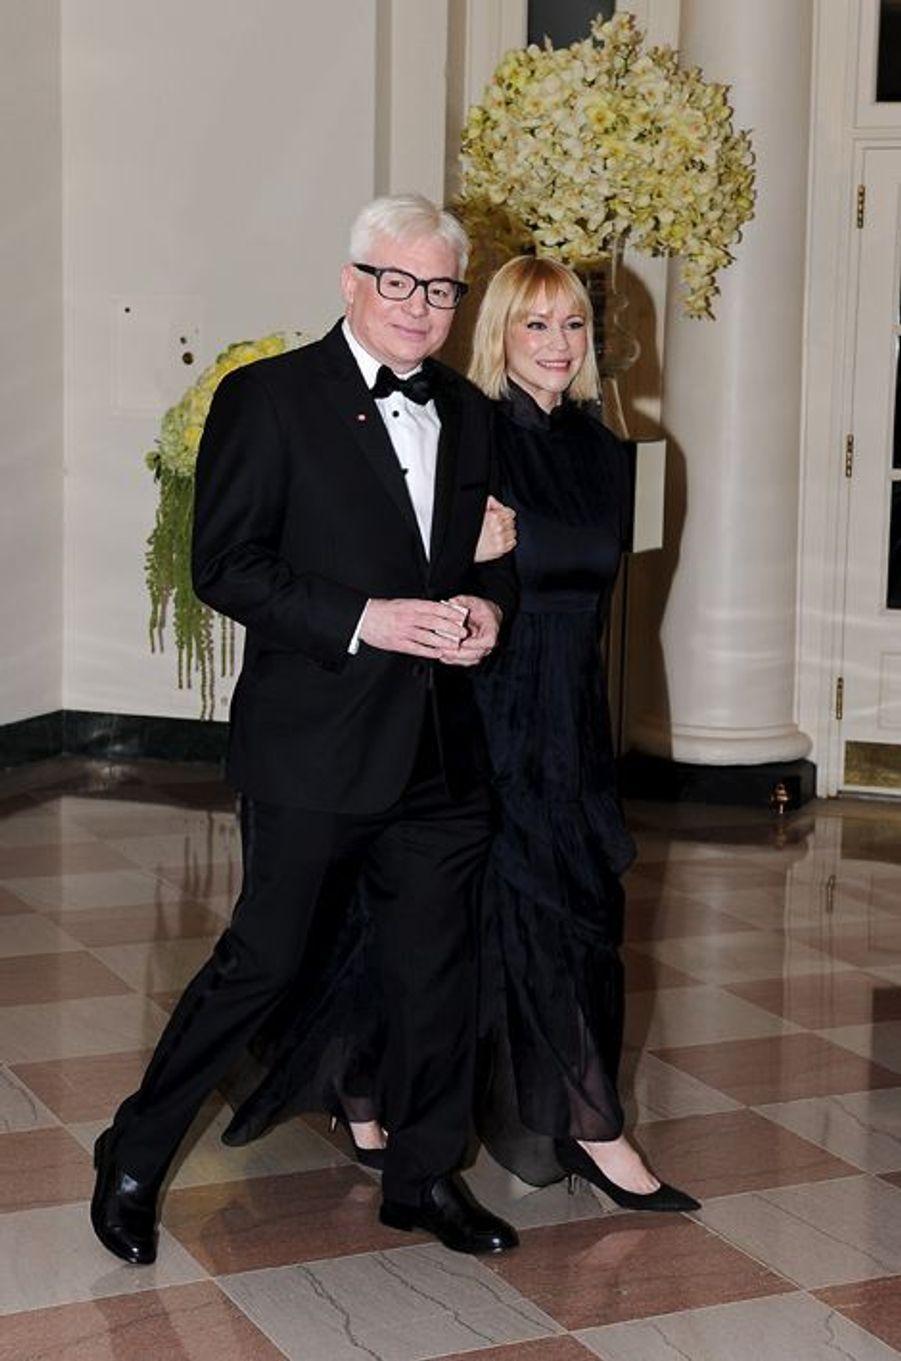 Mike Meyers et son épouse Kelly Tisdale assistent au dîner d'Etat donné pour la venue de Justin Trudeau à la Maison Blanche le 10 mars 2016